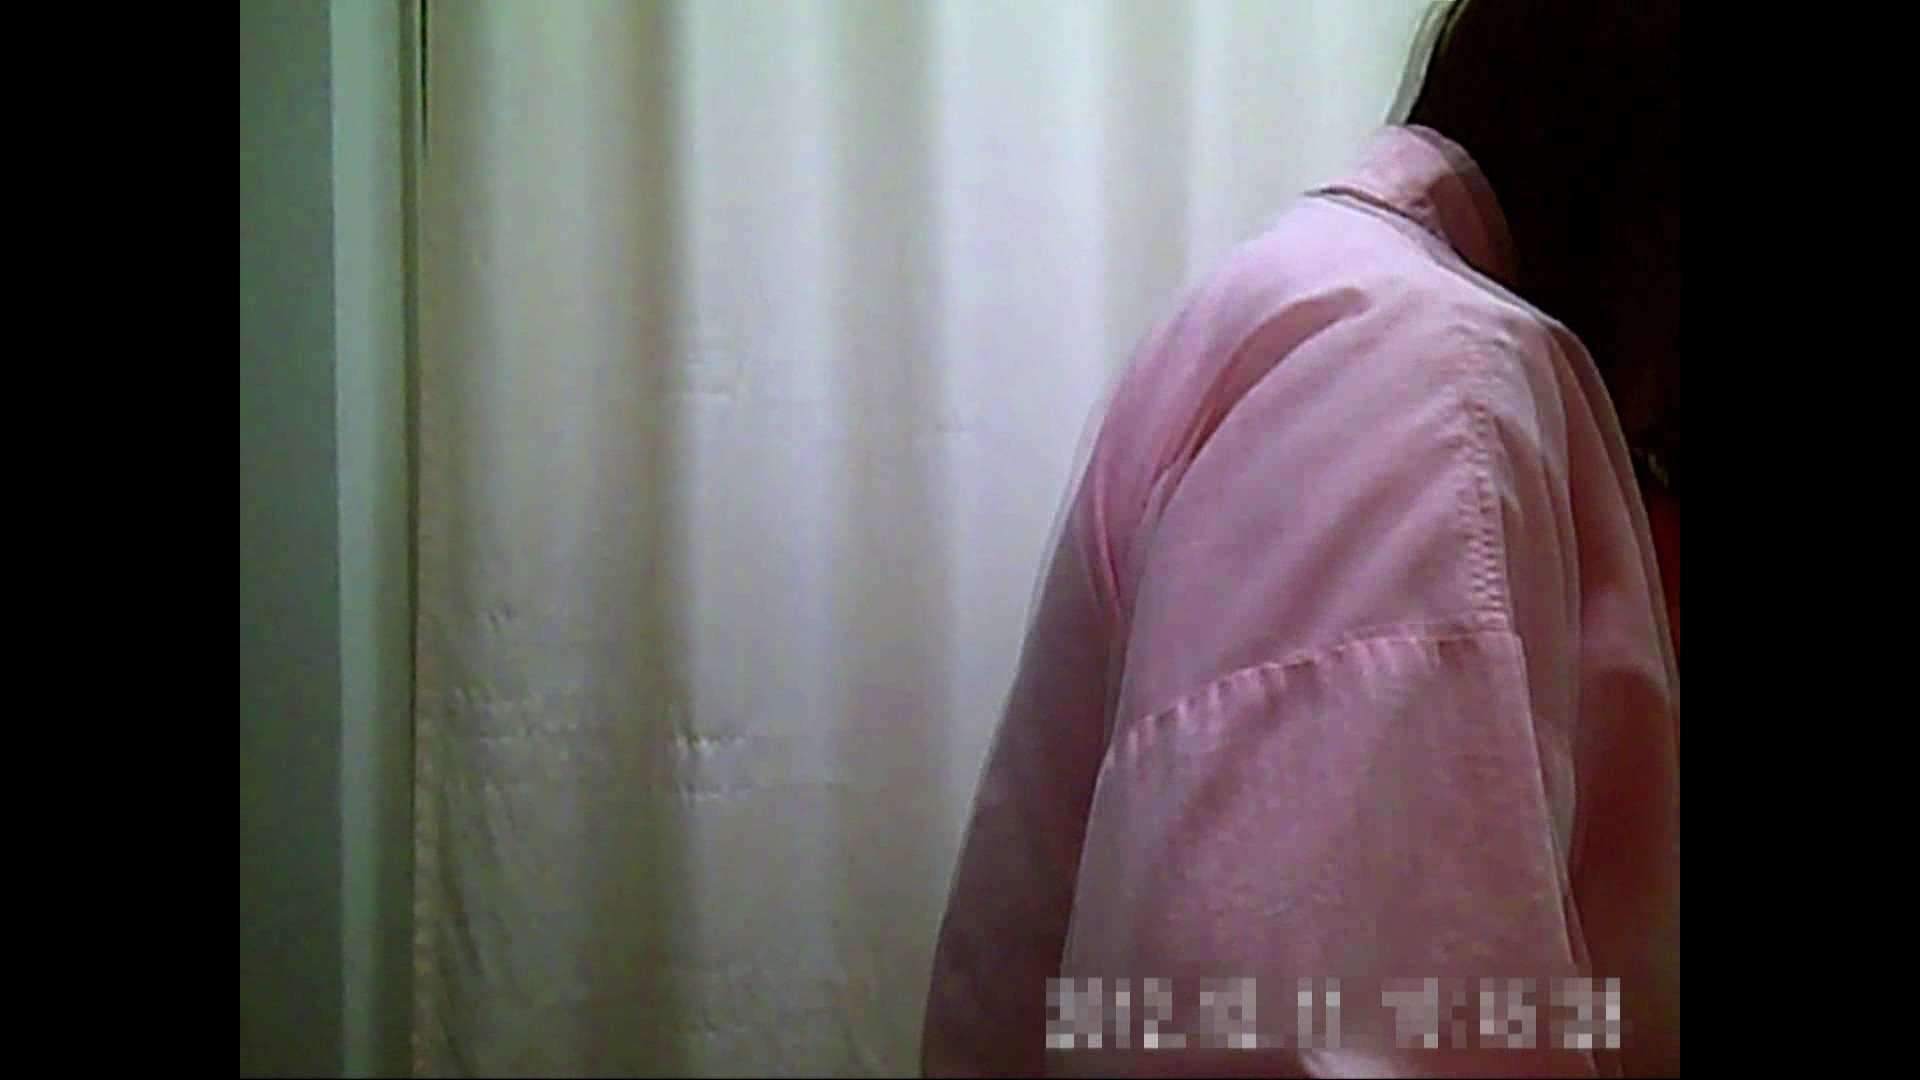 病院おもいっきり着替え! vol.174 OLセックス 隠し撮りオマンコ動画紹介 74画像 37